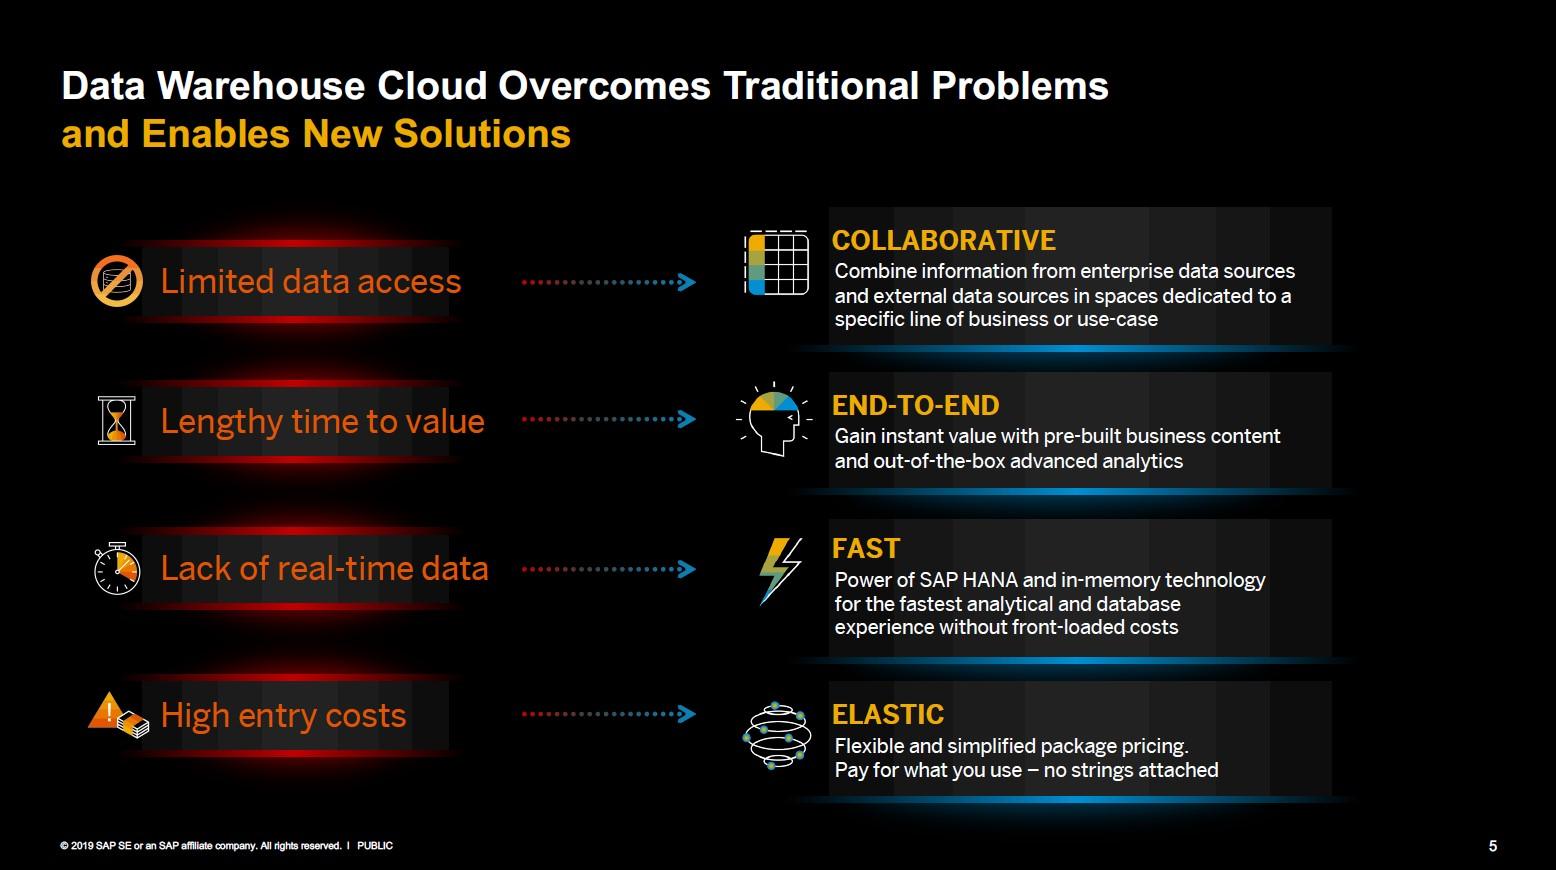 SAP DWC als neue Lösung